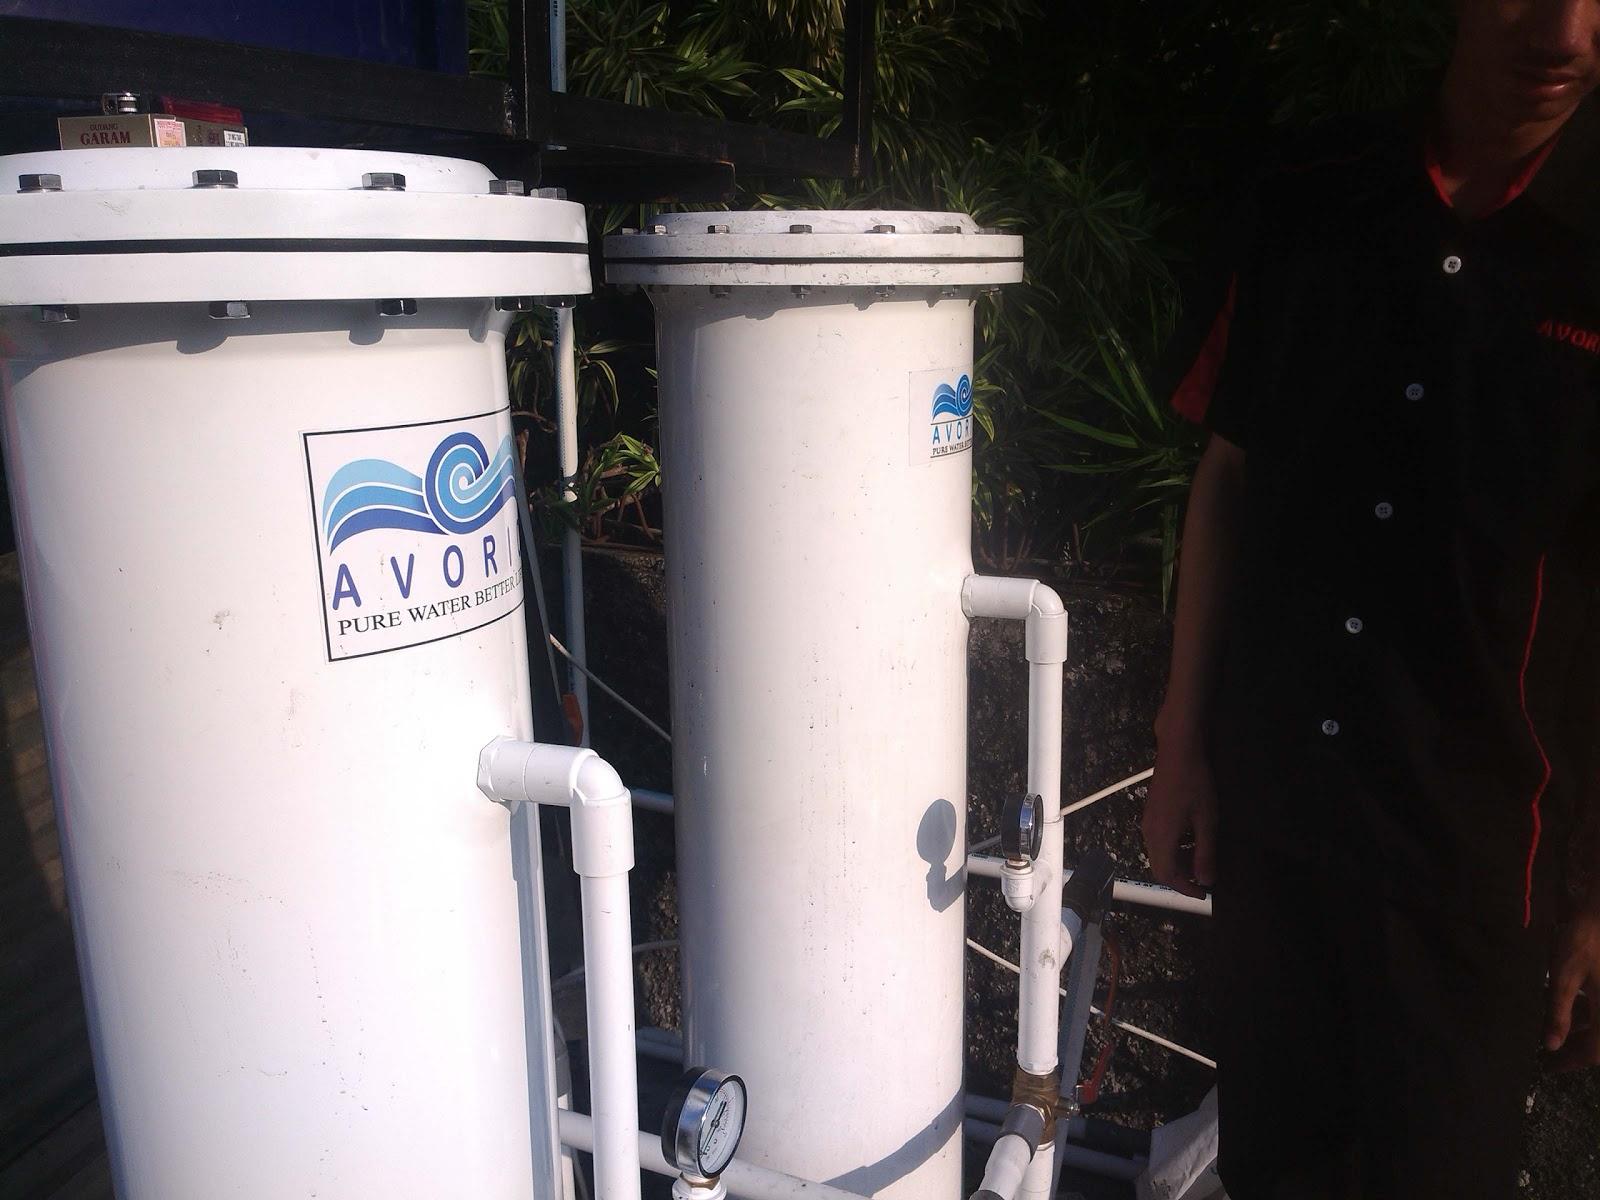 filter penjernih air jual harga murah sertifkat halal MUI. bintaro, cibubur, depok, bekasi, bogor